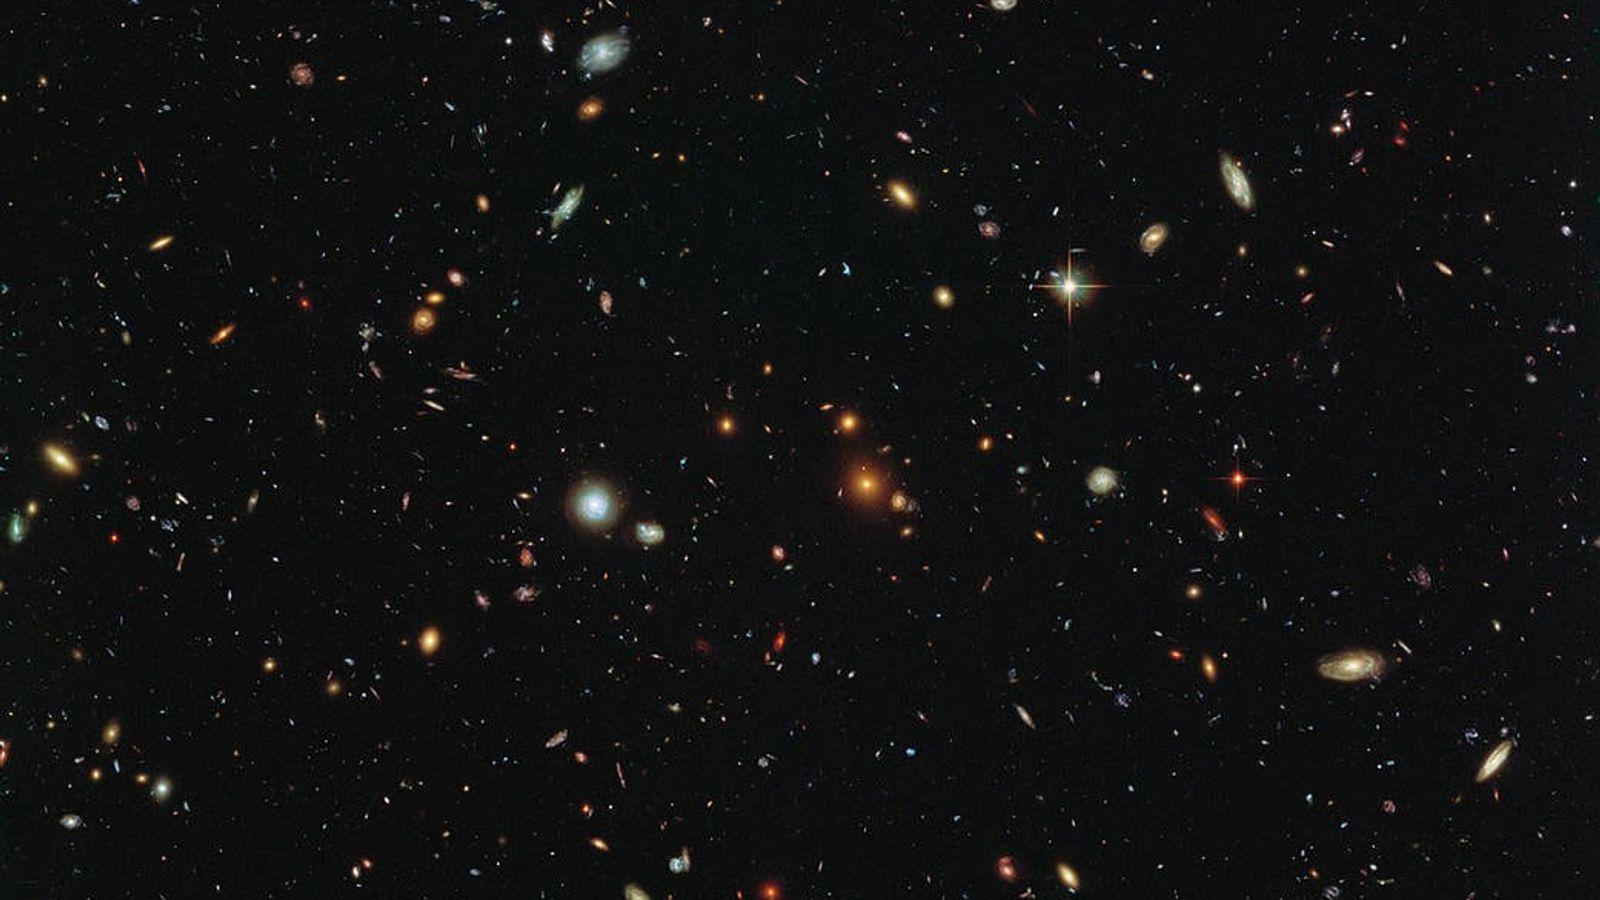 Les galaxies parsèment le cosmos dans cette image prise par le télescope spatial Hubble. Un examen ...